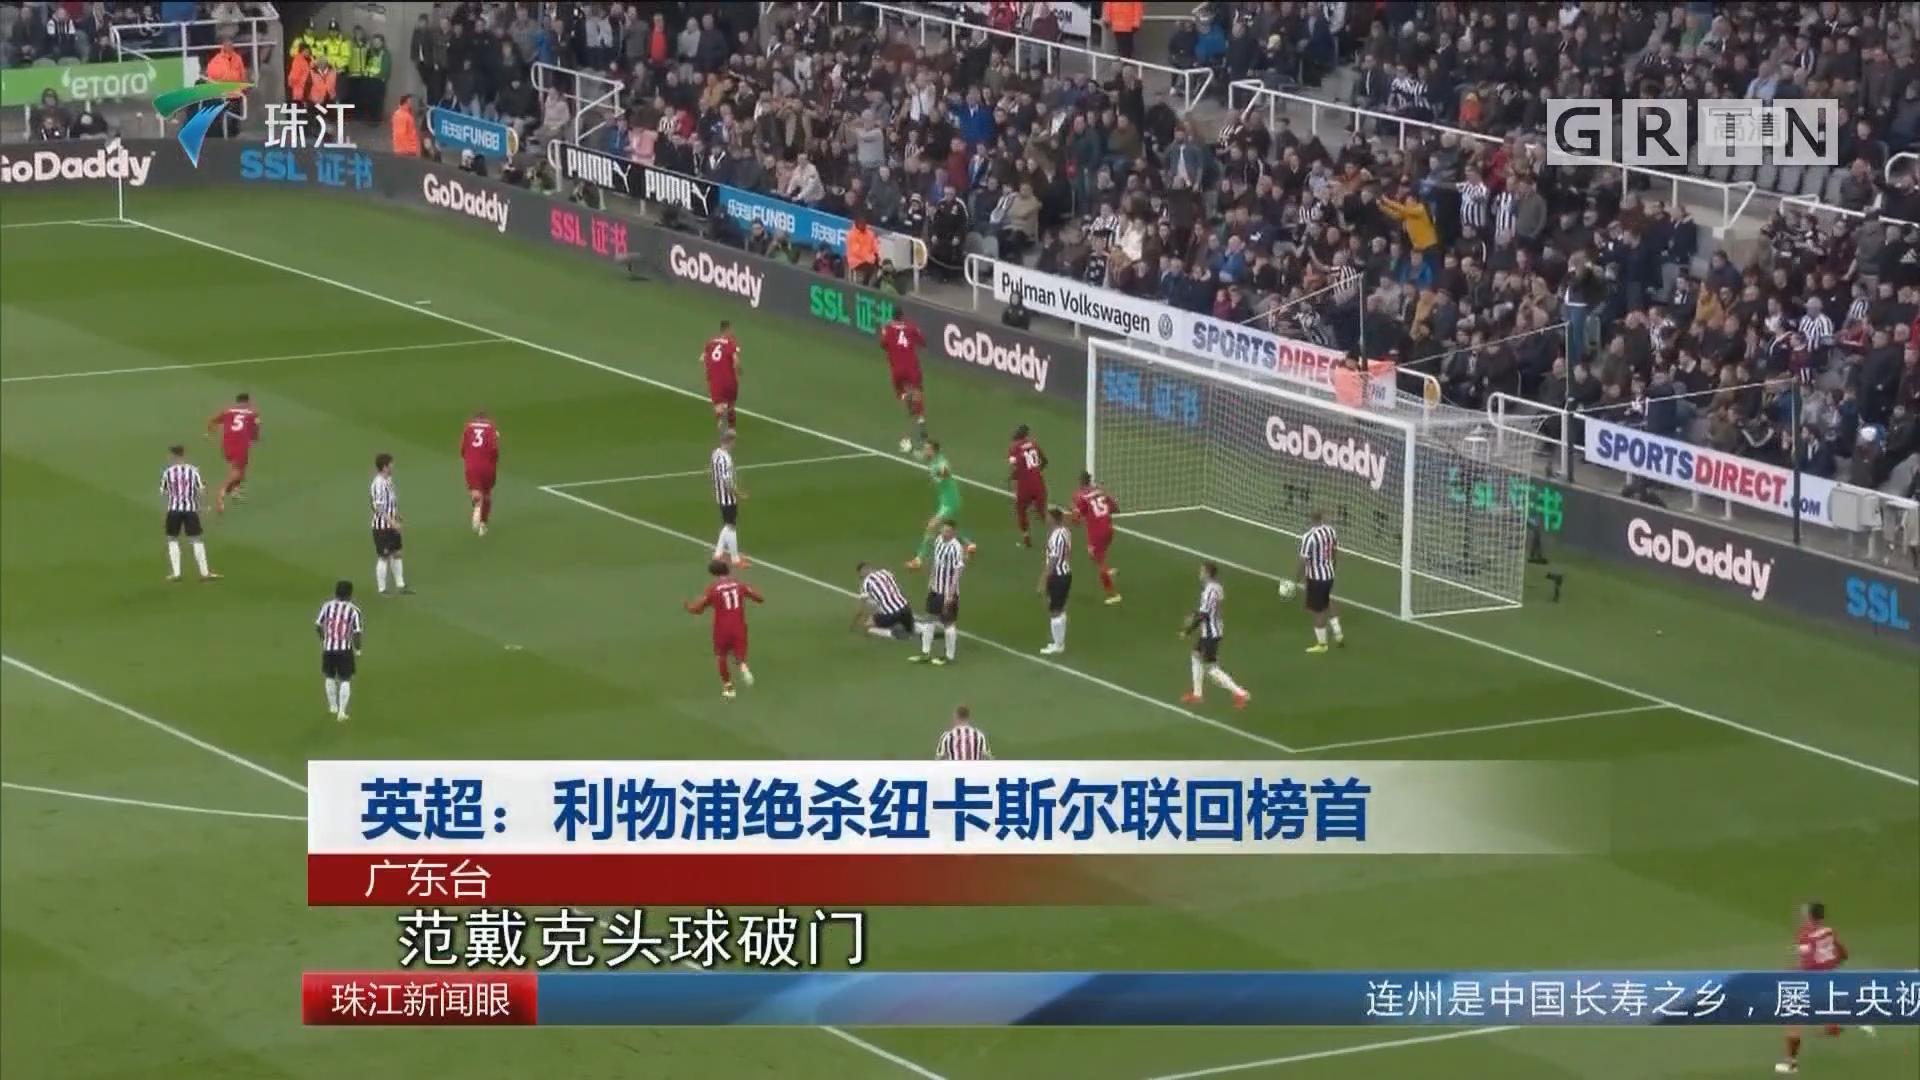 英超:利物浦绝杀纽卡斯尔联回榜首